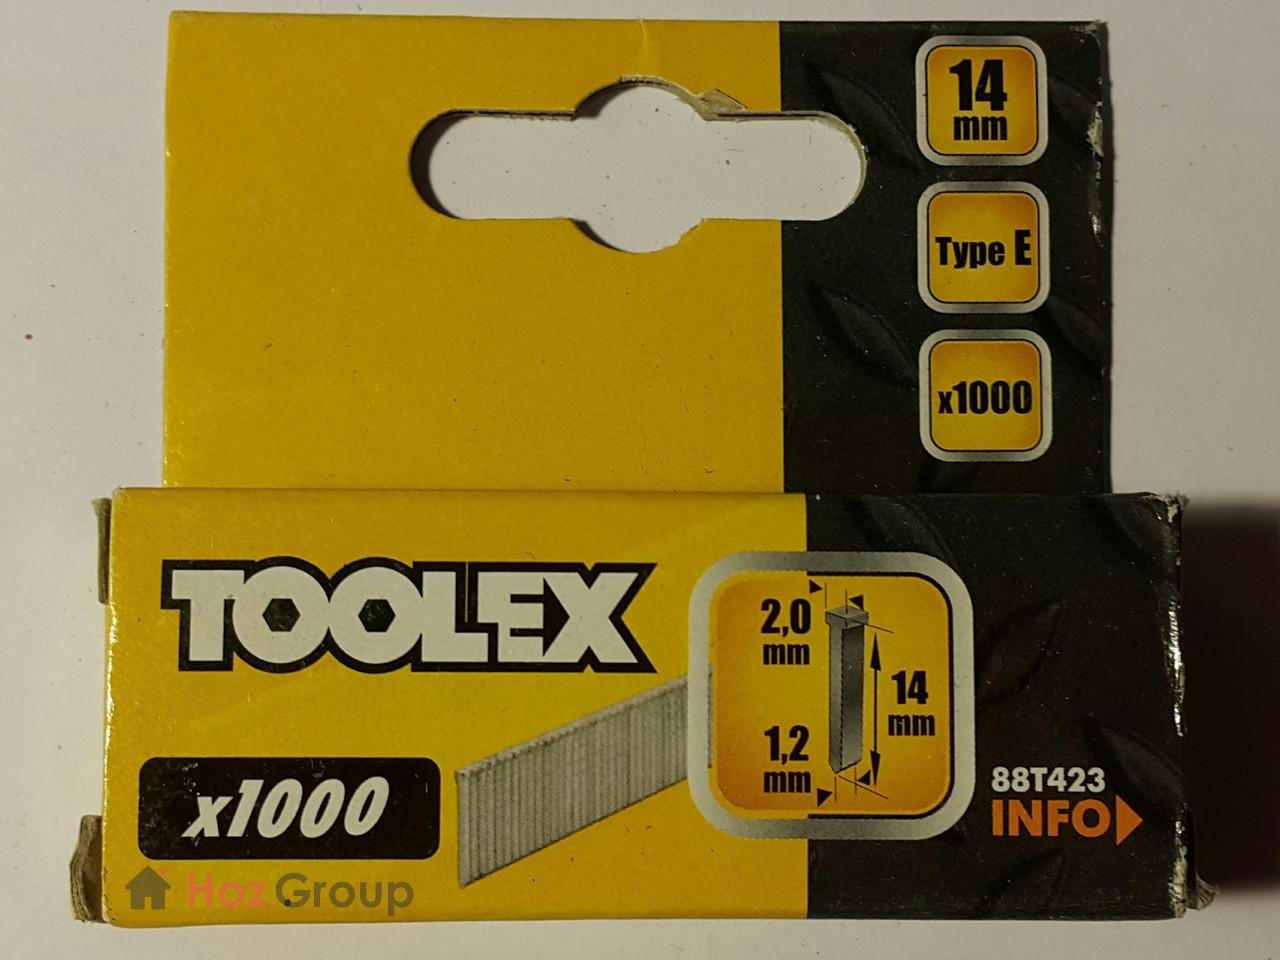 Гвозди для профессионального степлера 2.0*1.2*14мм Toolex